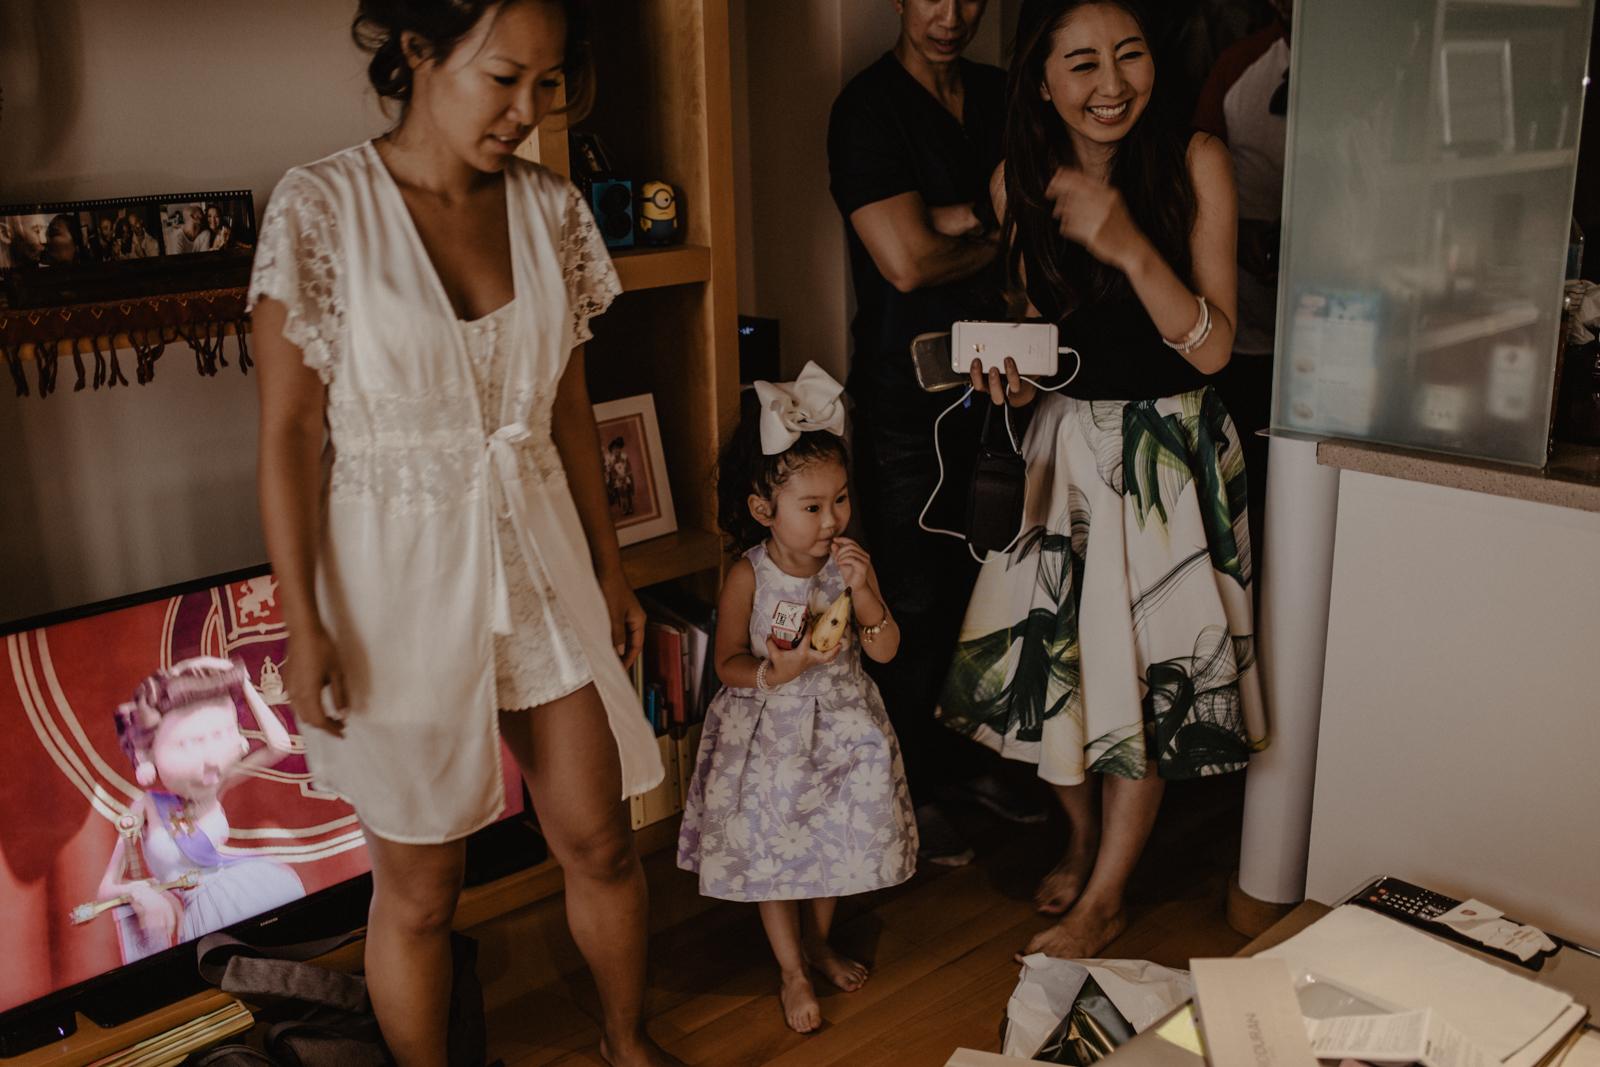 thenortherngirlphotography_photography_thenortherngirl_rebeccascabros_wedding_weddingphotography_weddingphotographer_barcelona_bodaenlabaronia_labaronia_japanesewedding_destinationwedding_shokoalbert-67.jpg